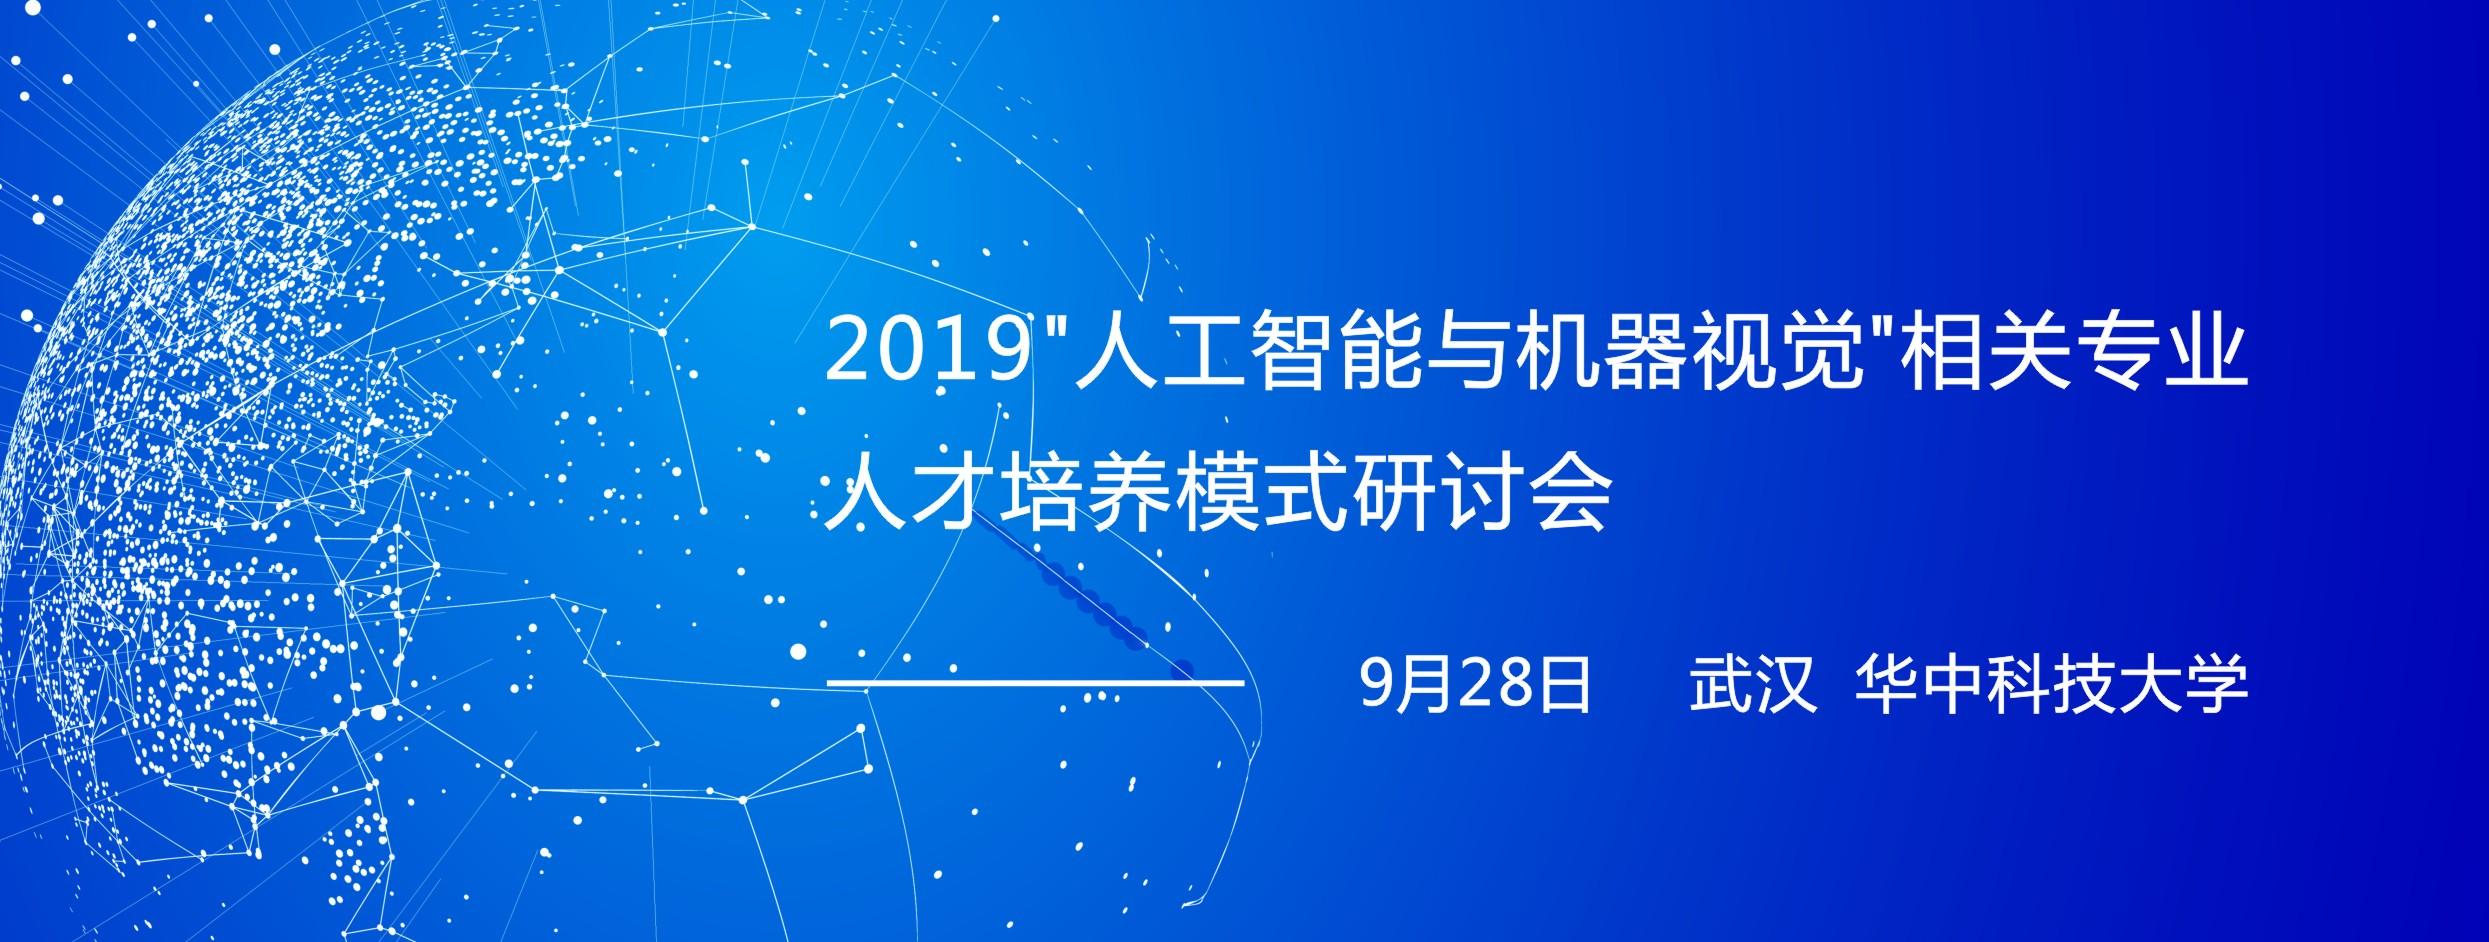 """武汉站丨2019""""人工智能与机器视觉"""